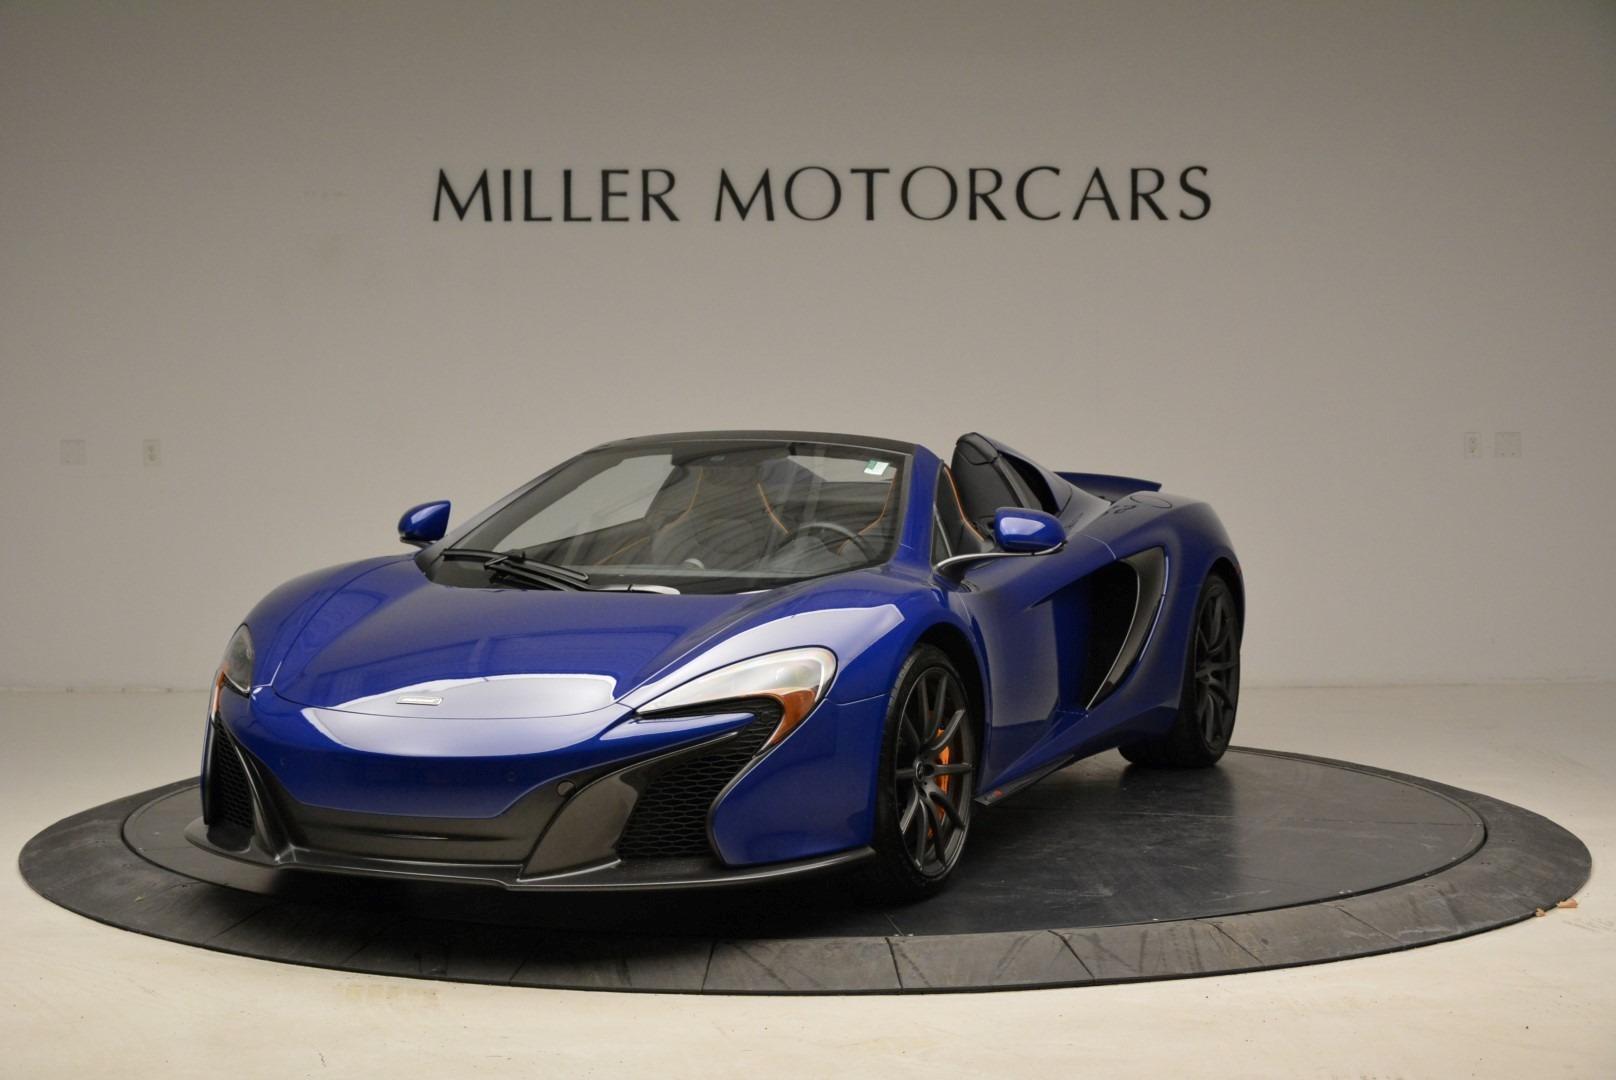 Used 2016 McLaren 650S Spider For Sale In Westport, CT 2013_main